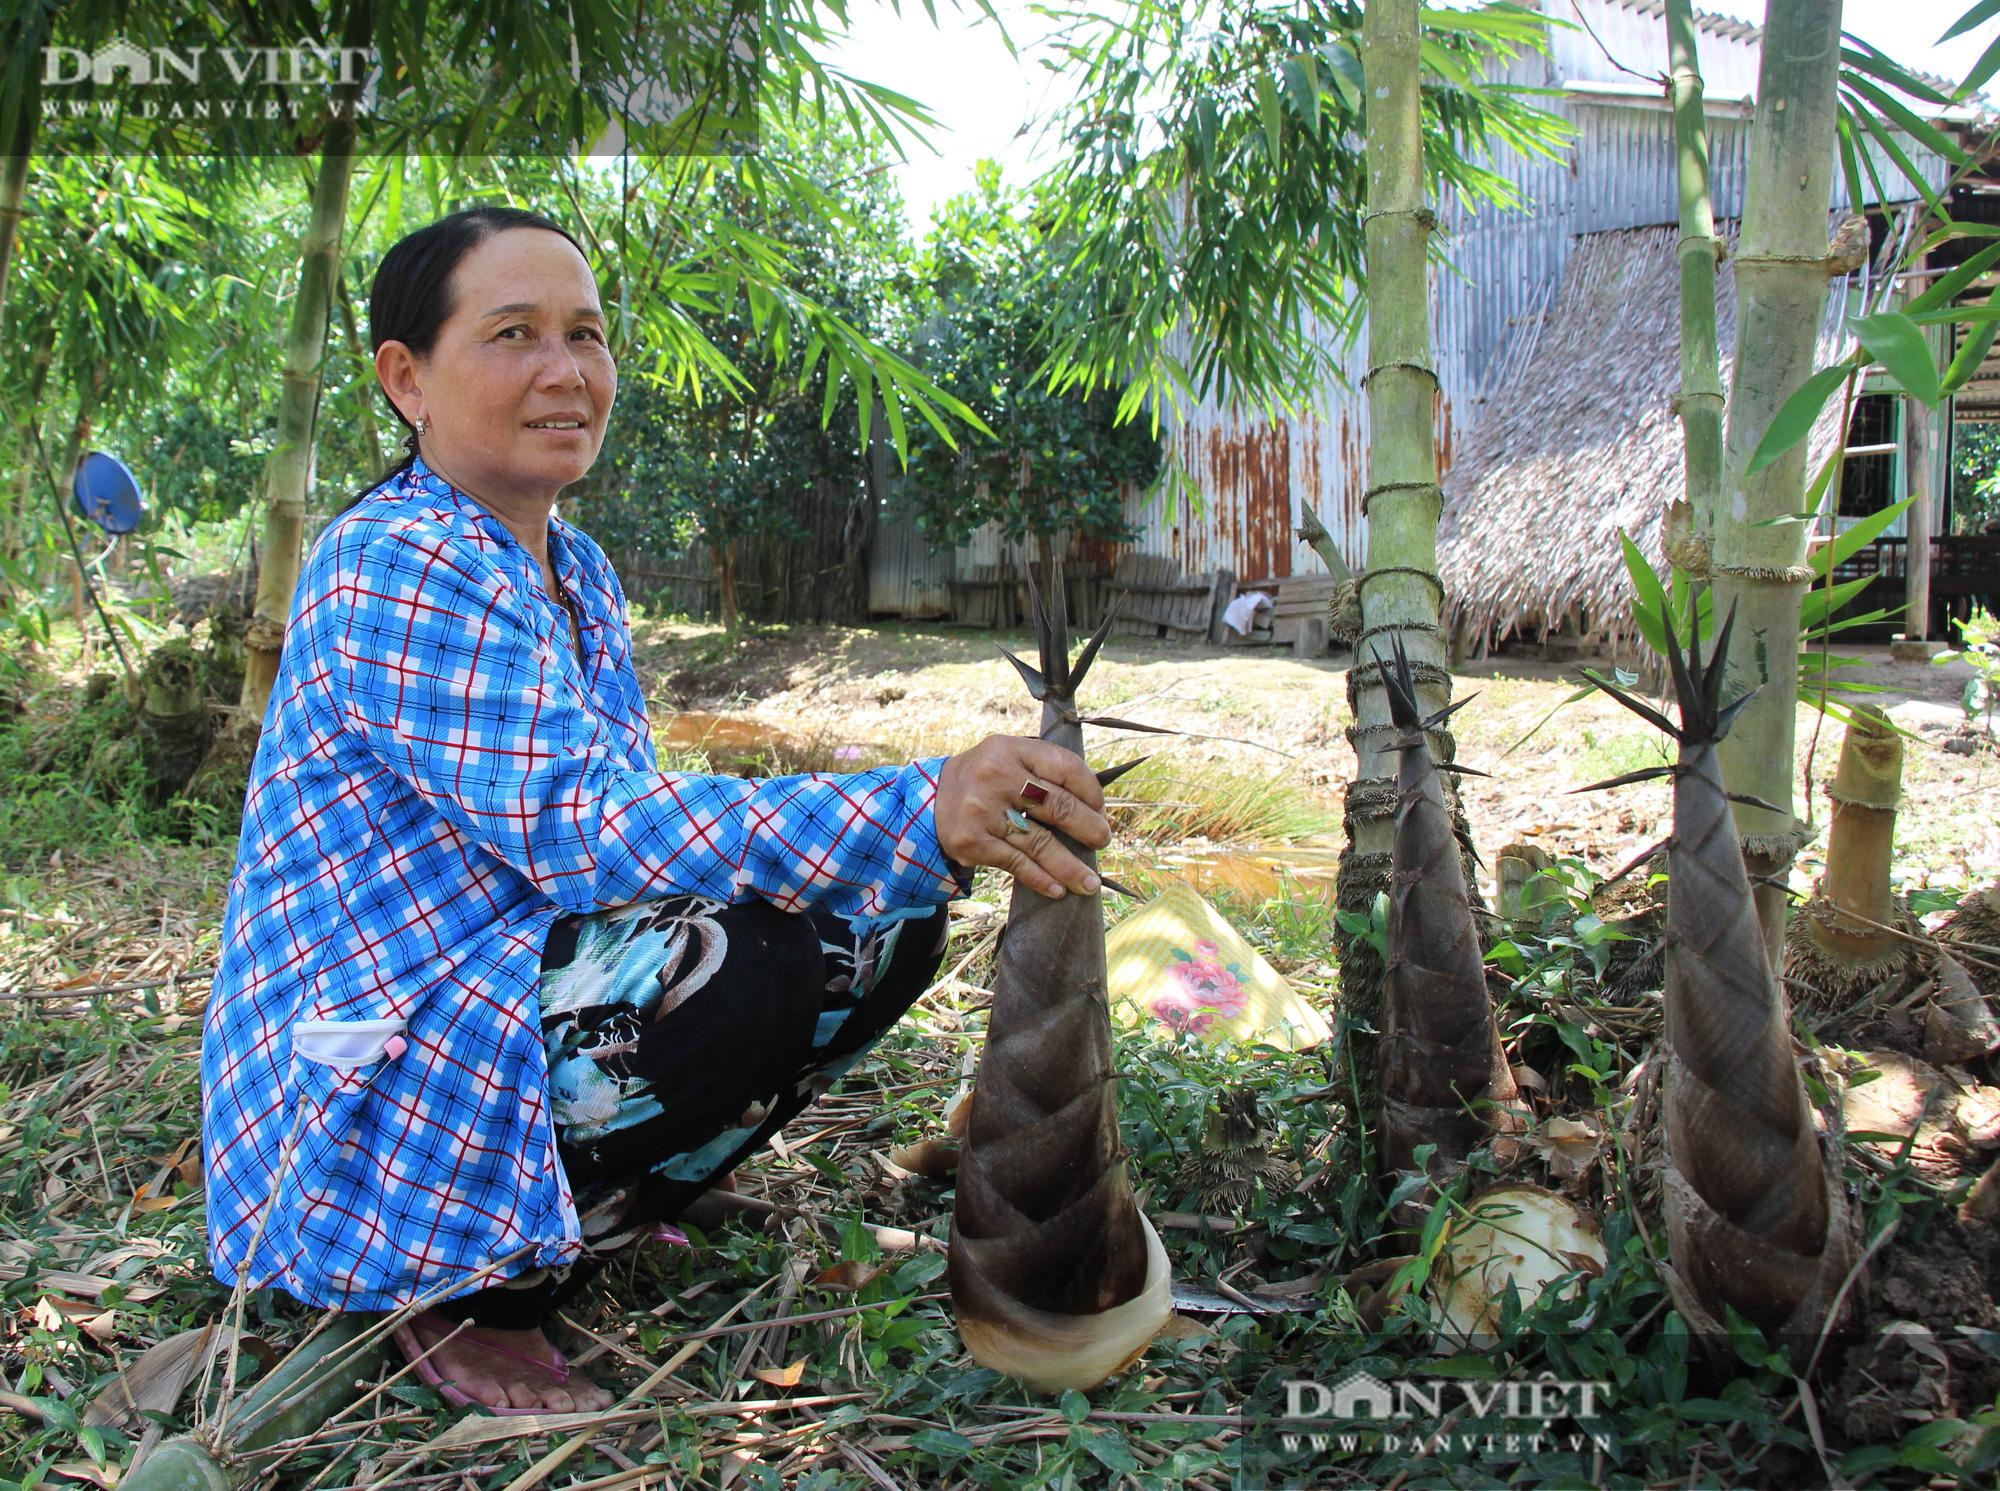 Thu lãi trăm triệu đồng/năm nhờ trồng loài cây bán không bỏ thứ gì - Ảnh 3.